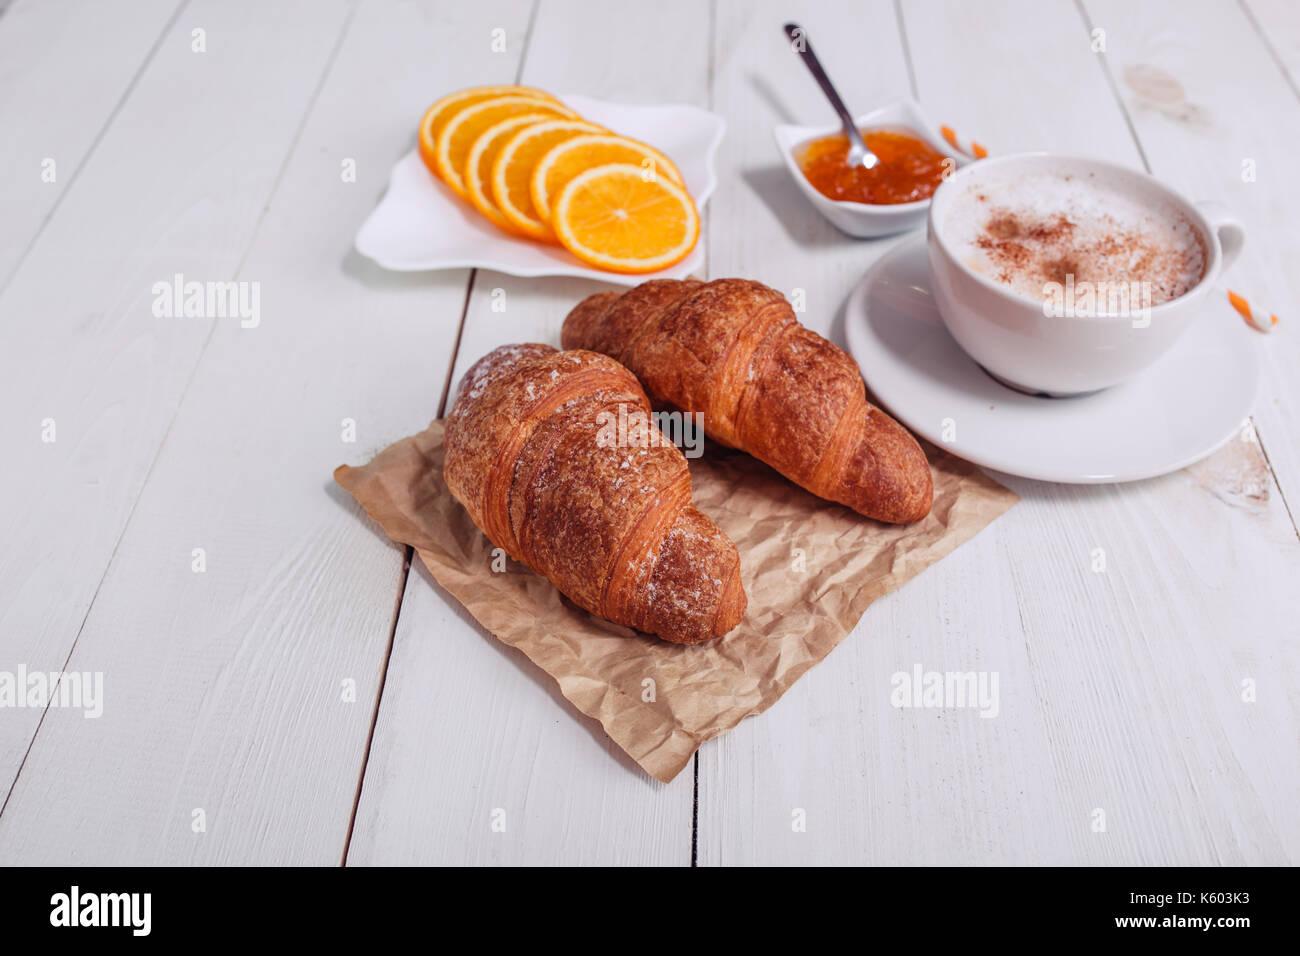 Kaffeebecher Mit Croissant Marmelade Orange Und Noten